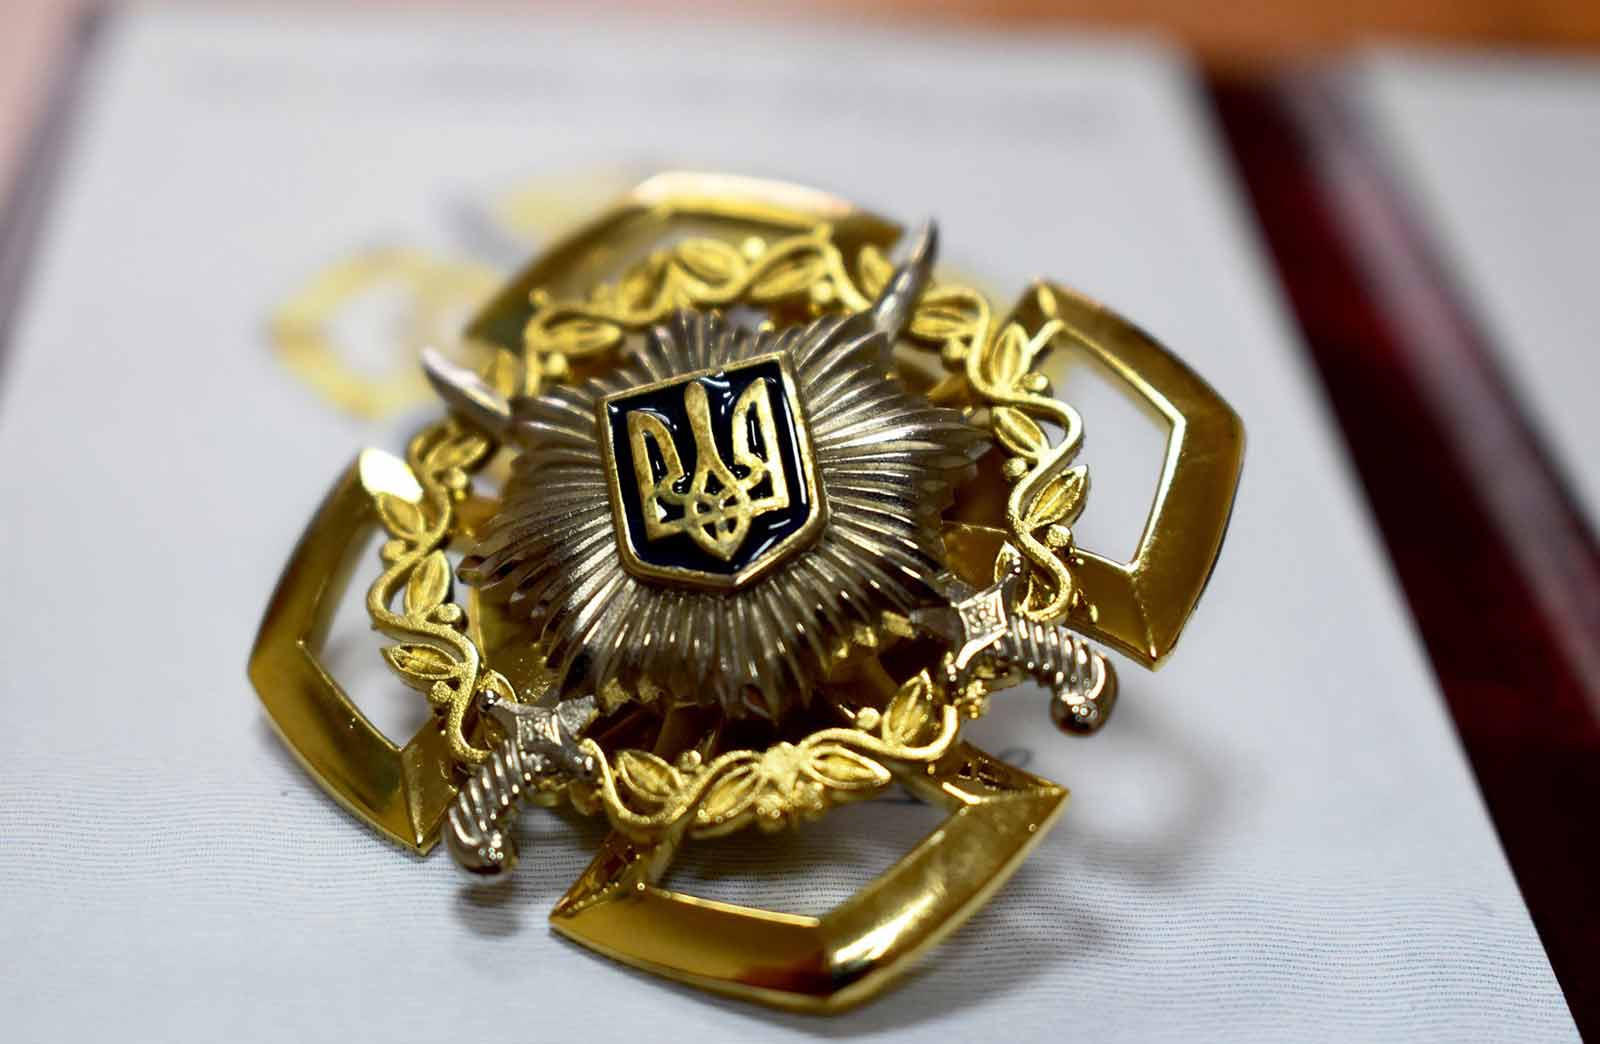 Артема Каверіна нагородили нагрудним знаком «За відвагу в службі».